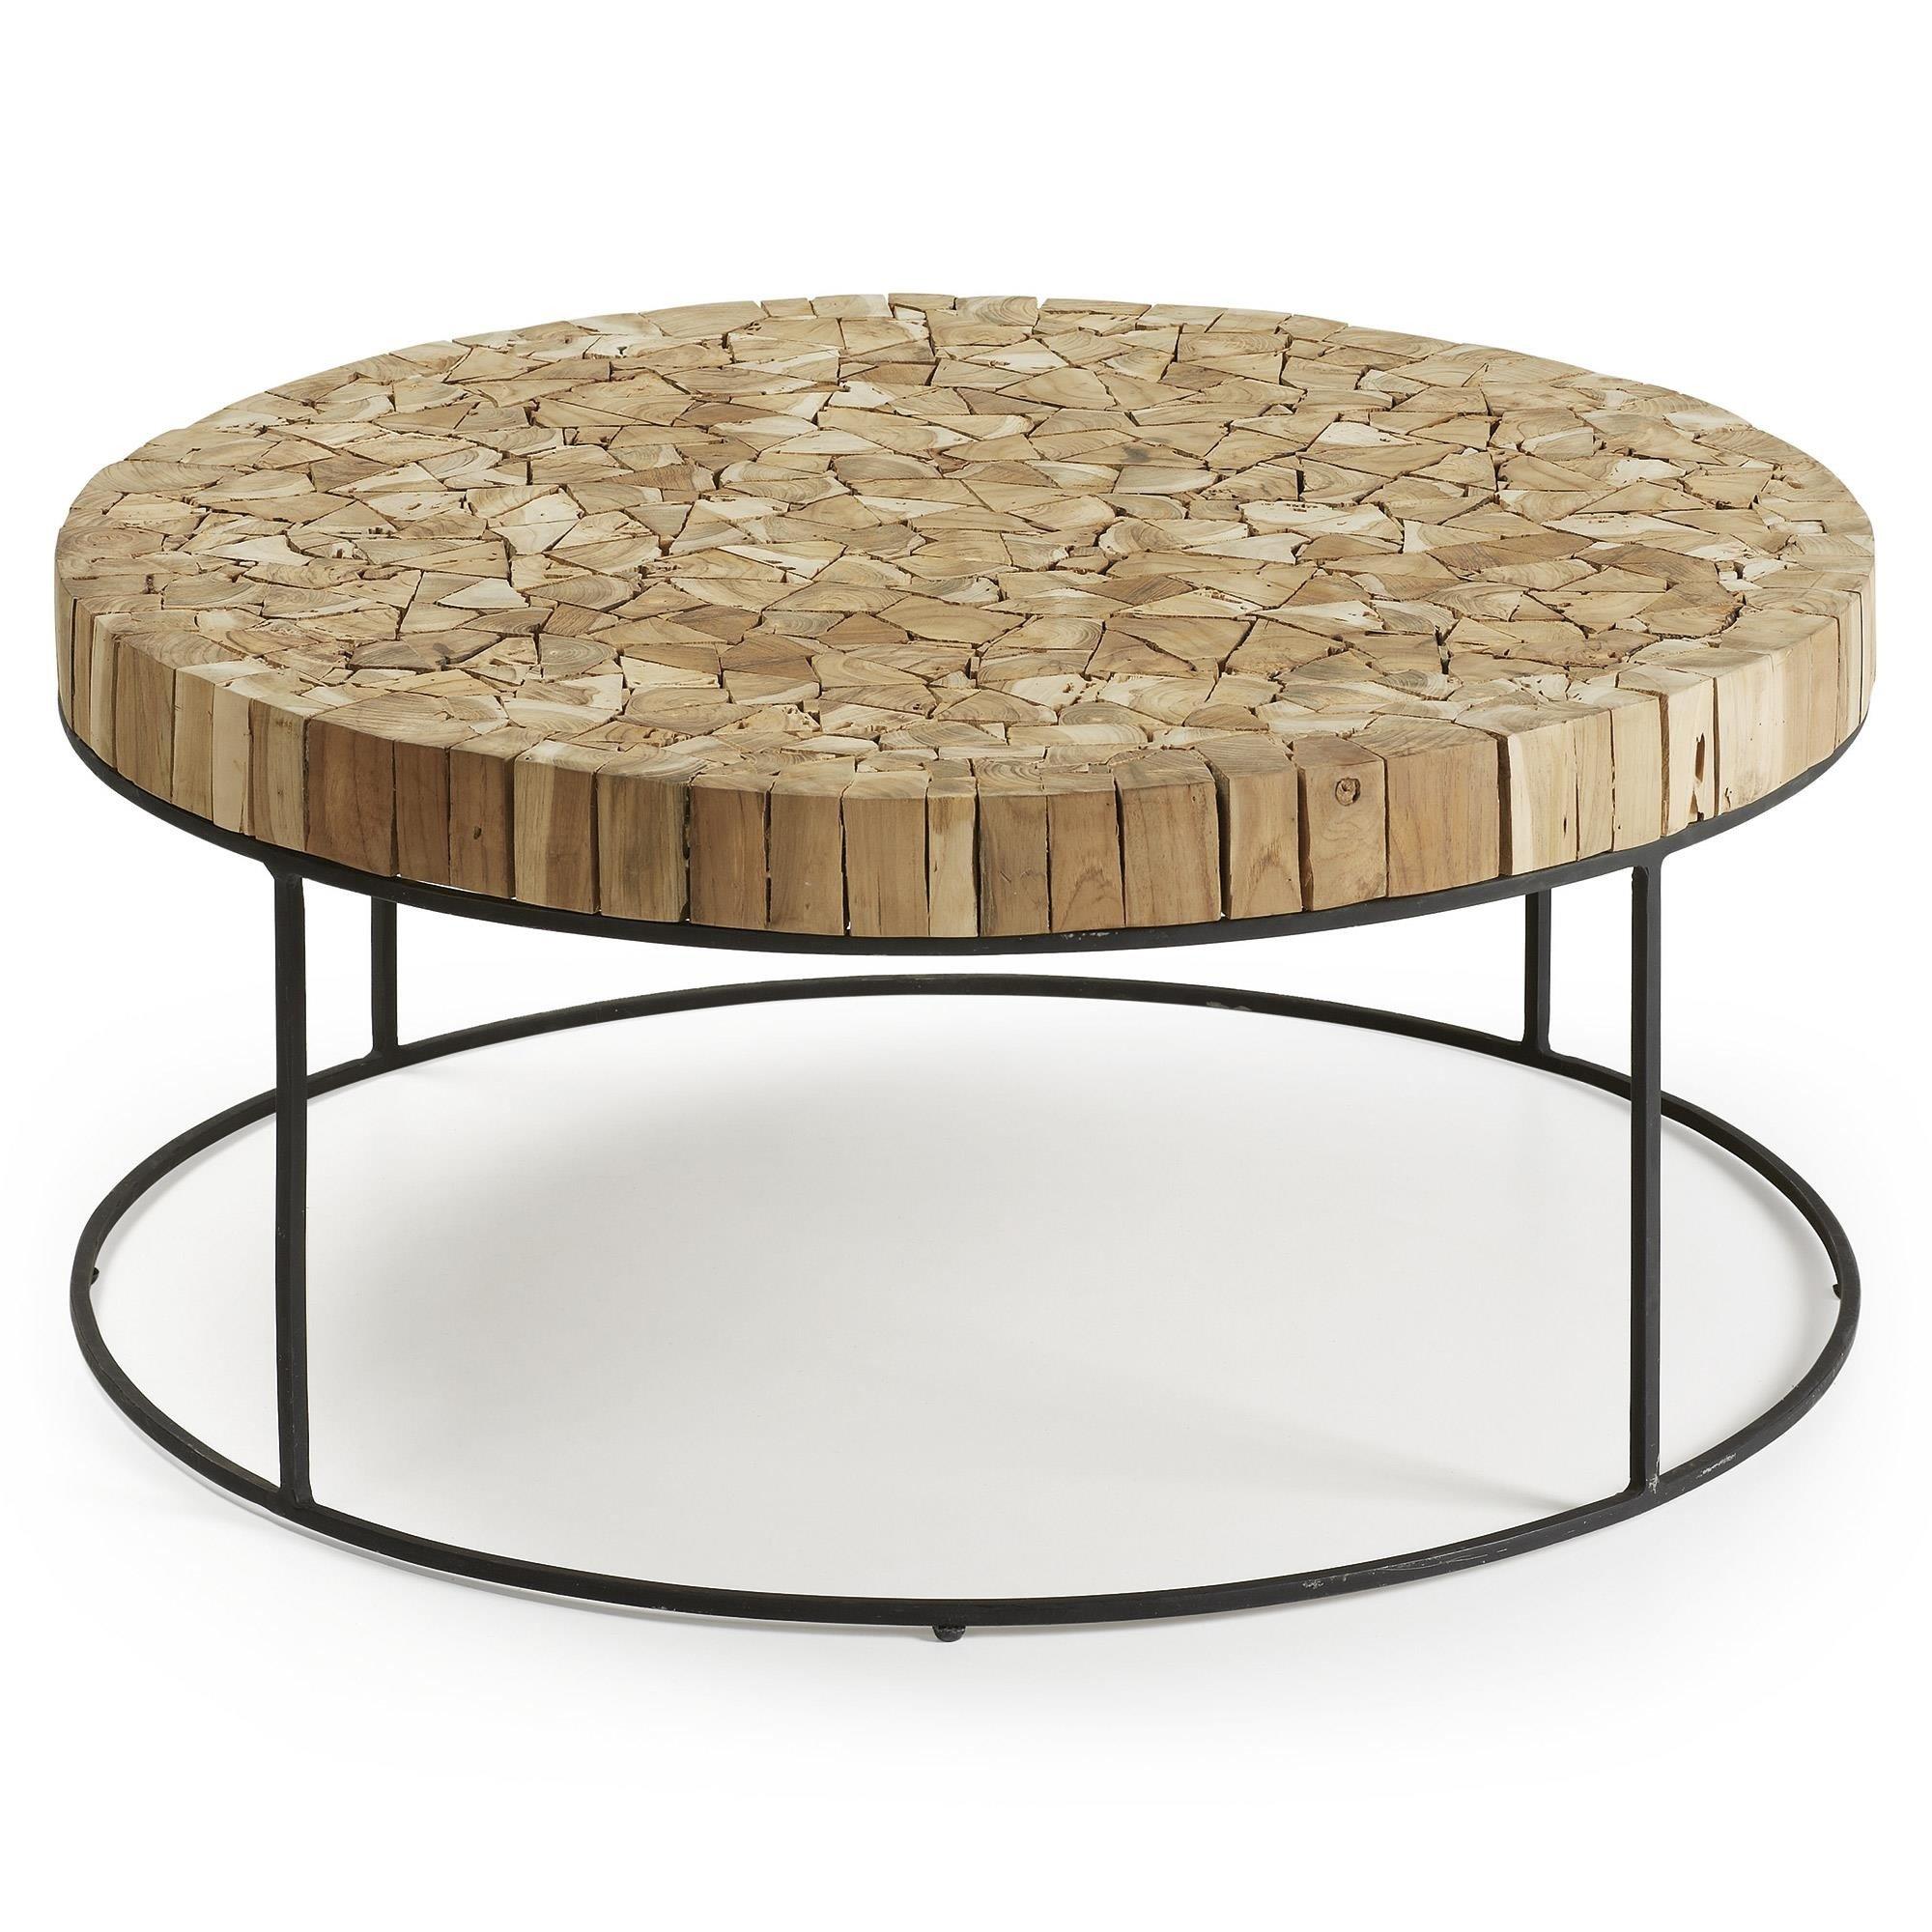 Stolik kawowy PIERRE 80x80 kolor drewniany